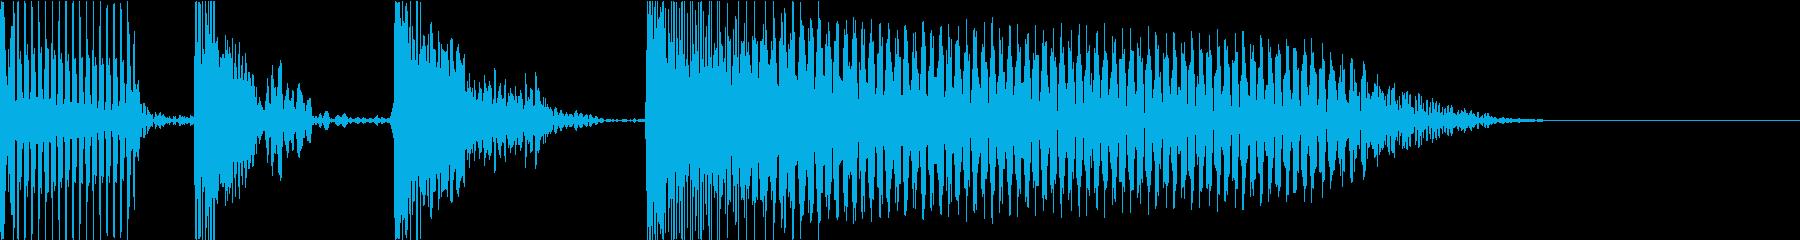 短いスラッブジングルの再生済みの波形